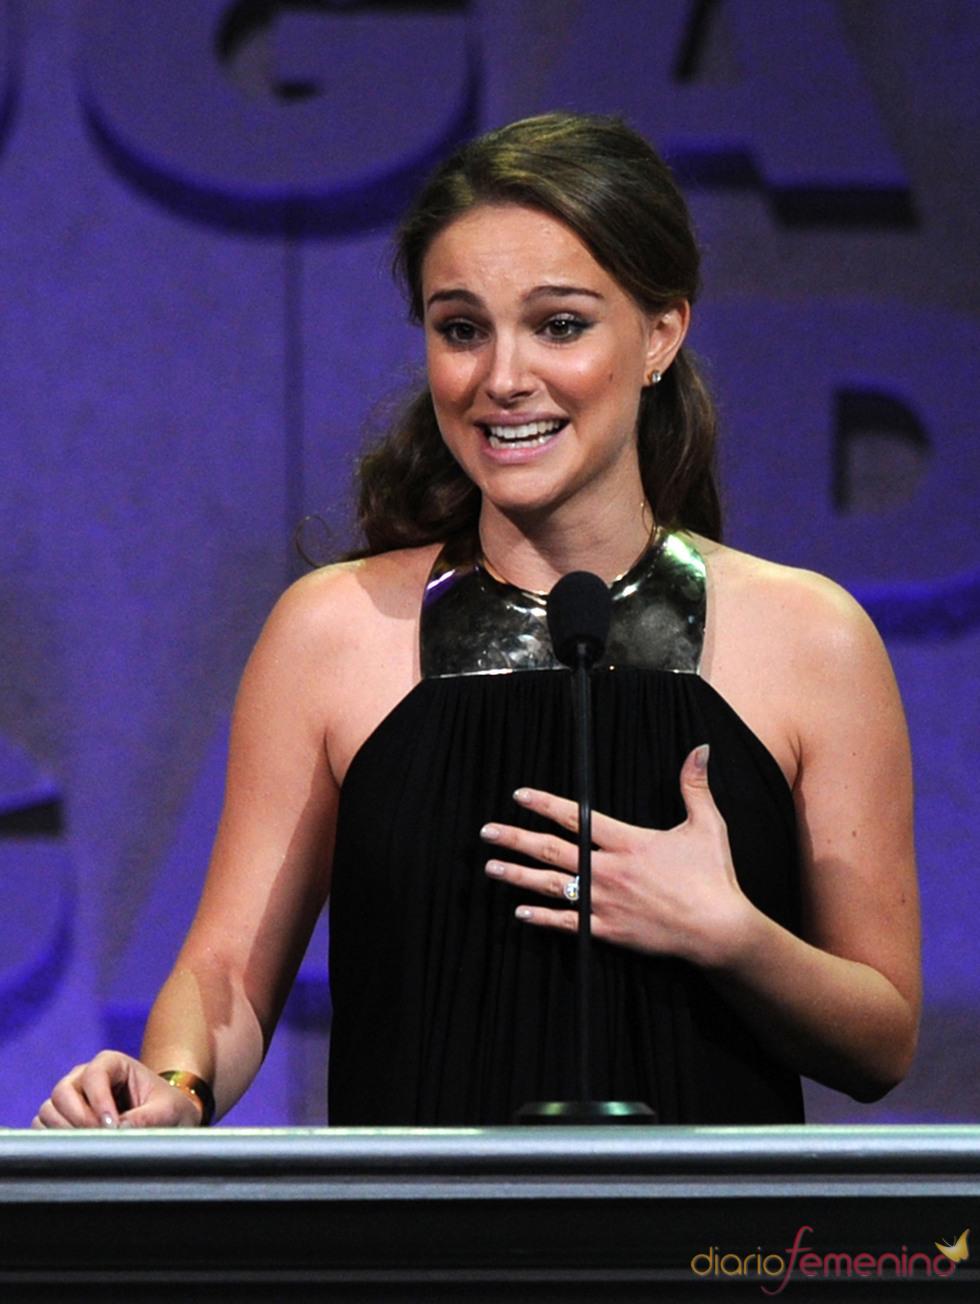 Natalie Portman en los Premios del Sindicato de Directores 2011